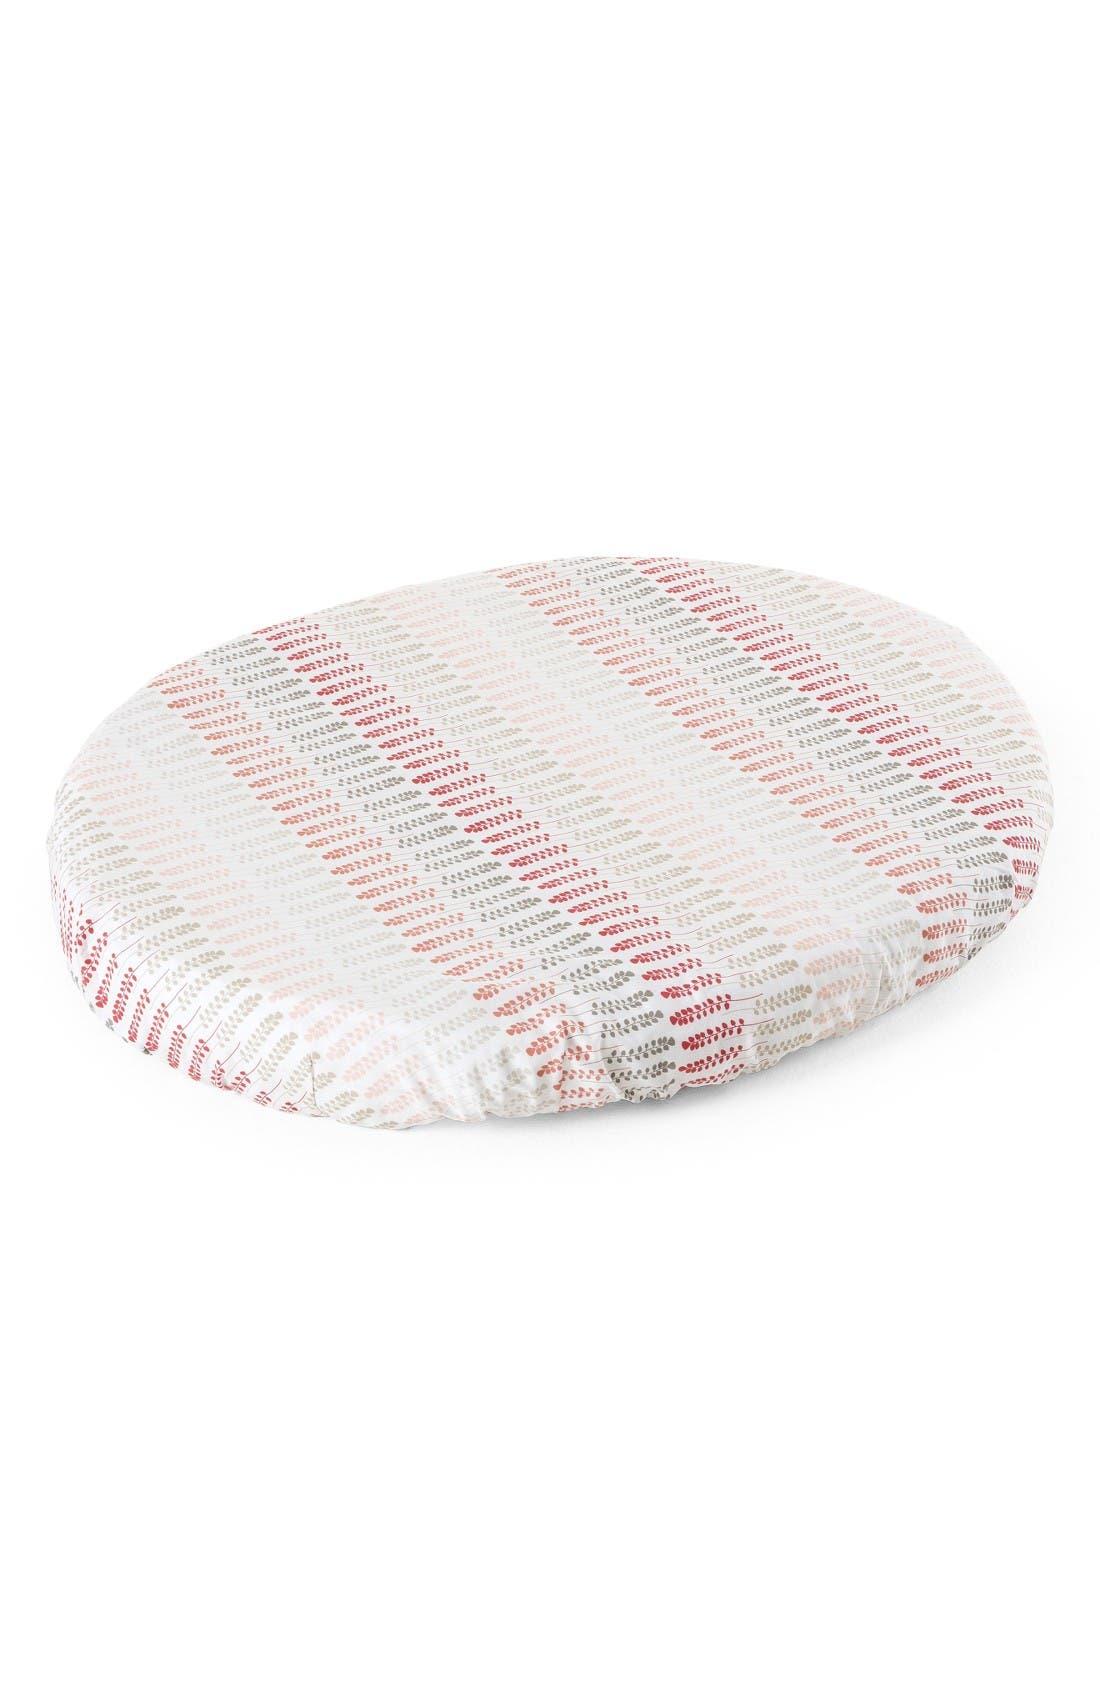 Stokke Sleepi Mini Fitted Crib Sheet